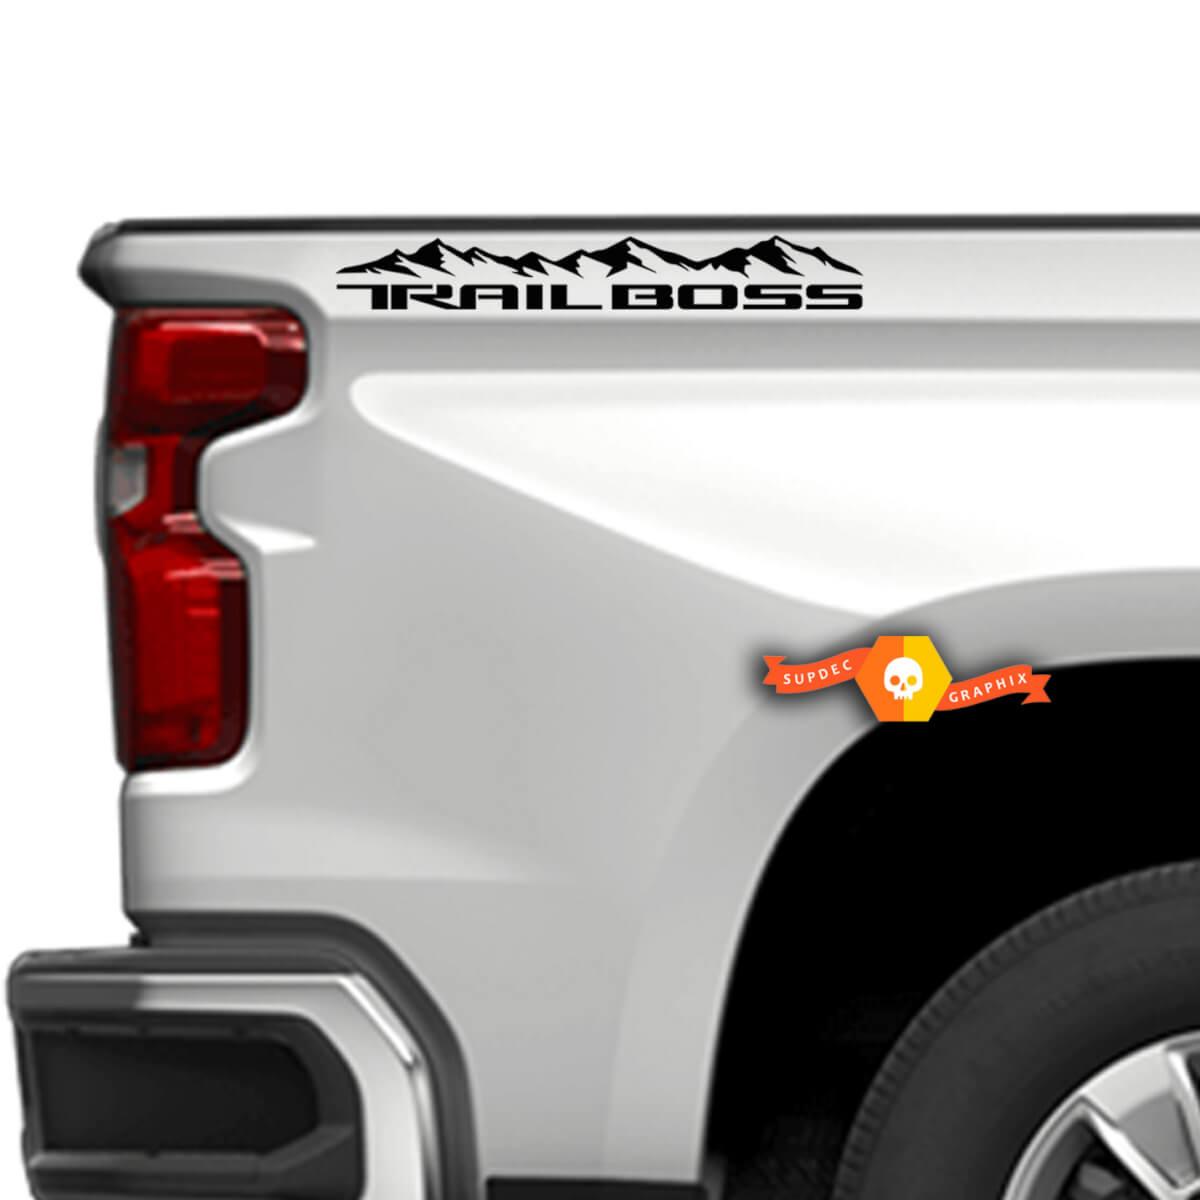 2019 2020 Chevy Silverado Mountain Trail Boss Z71 RST LTZ Aufkleber auf der Bettseite 4WD 4X4 Aufkleber Aufkleber